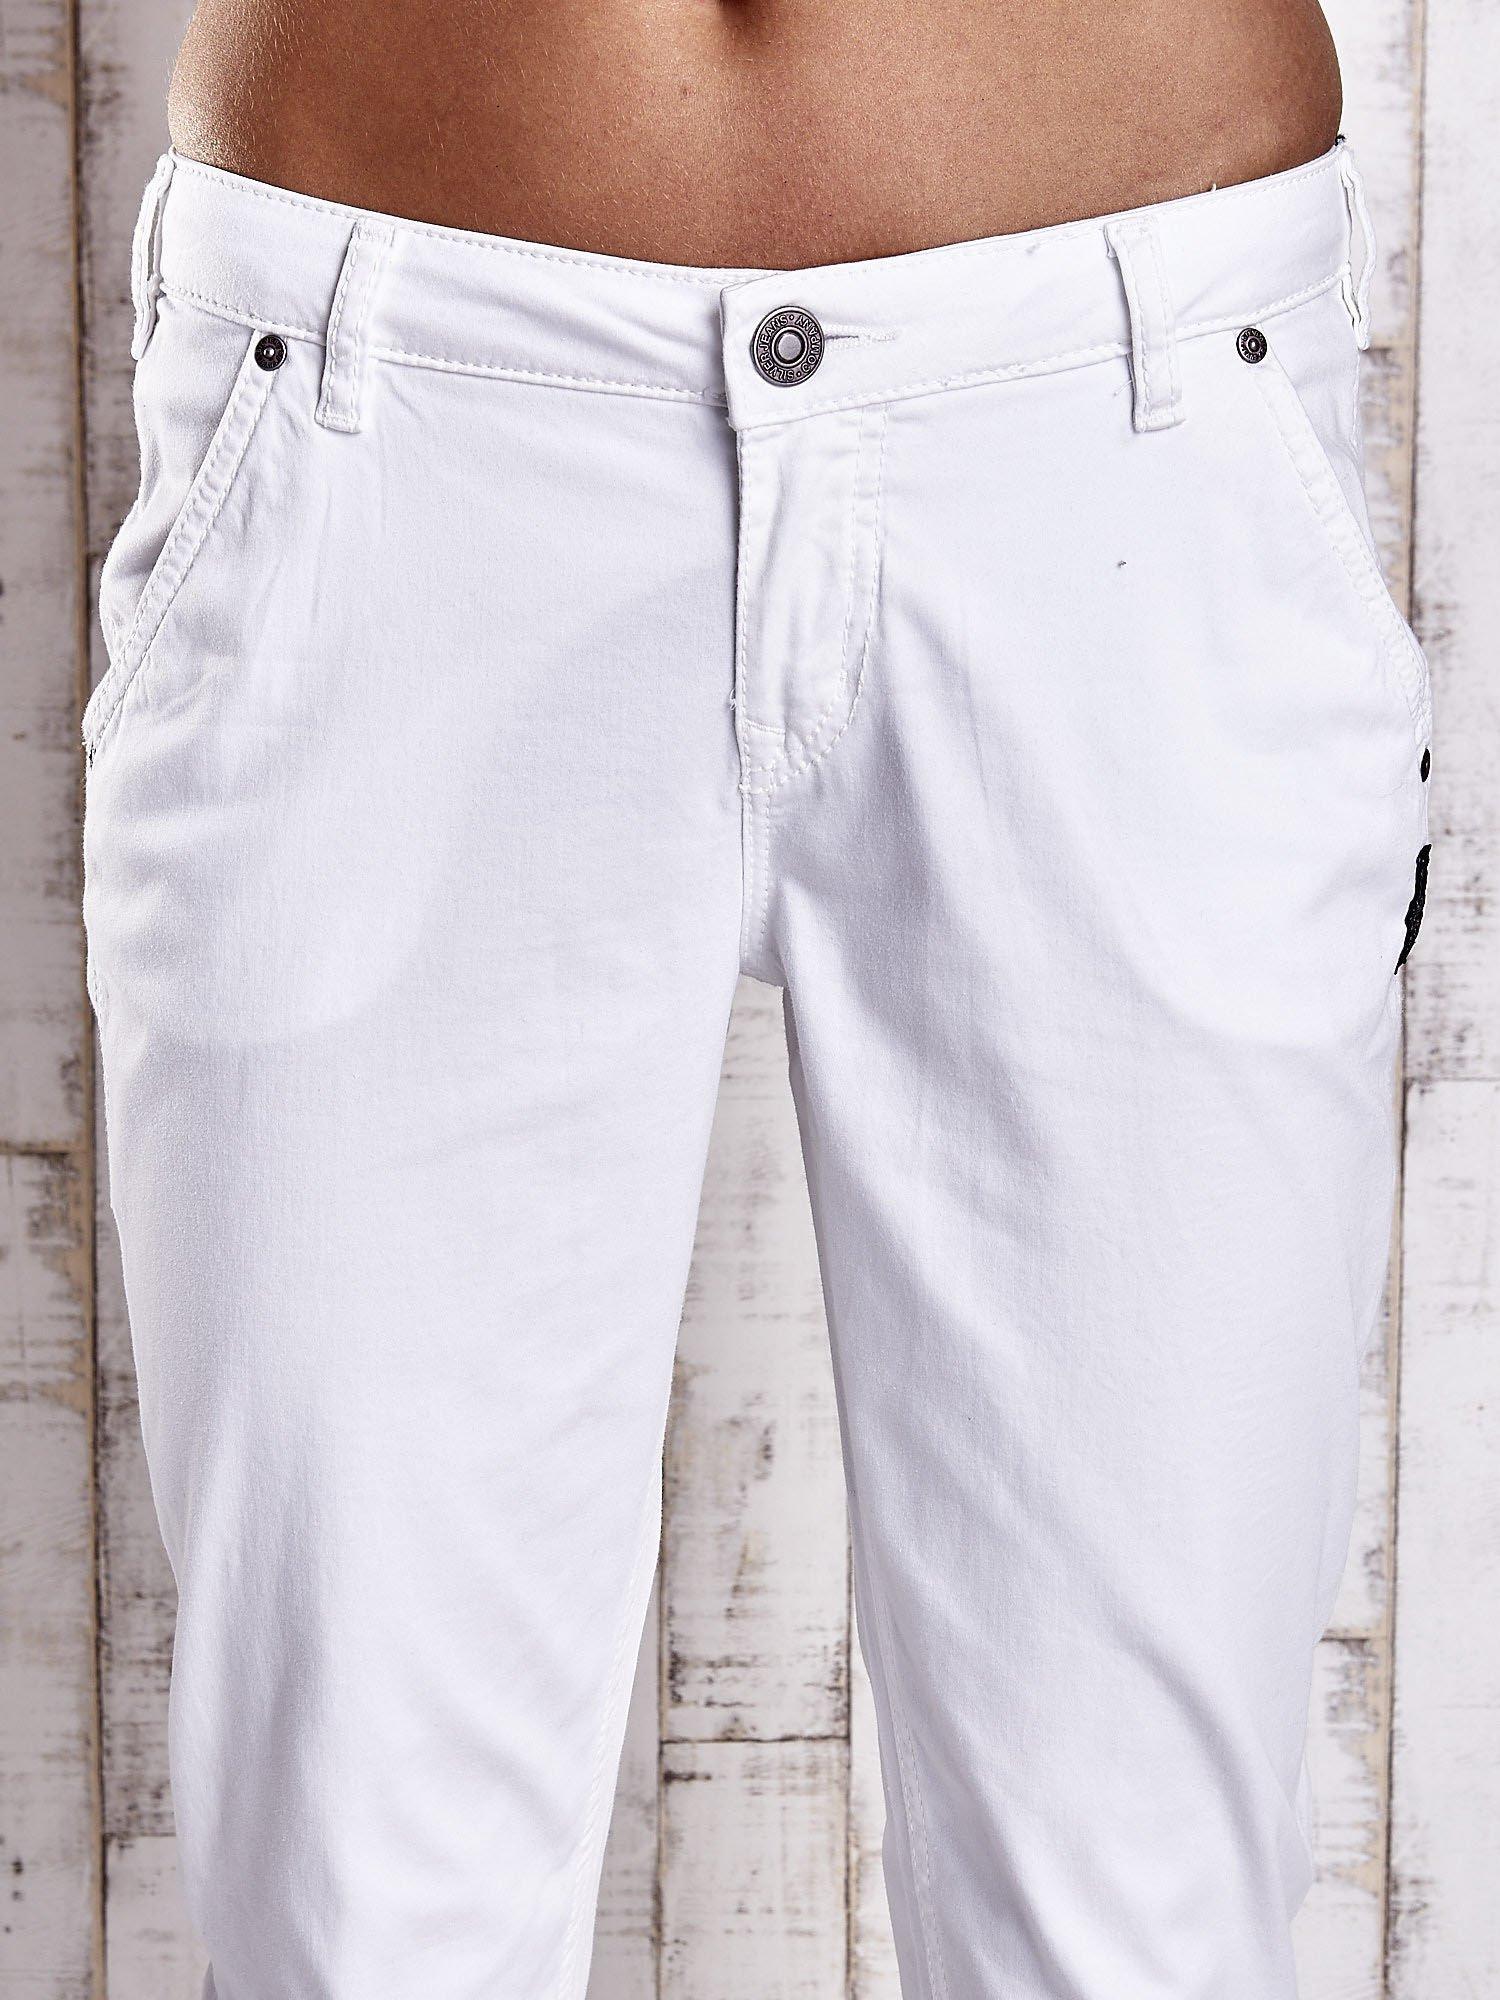 Białe proste spodnie z napami                                  zdj.                                  4